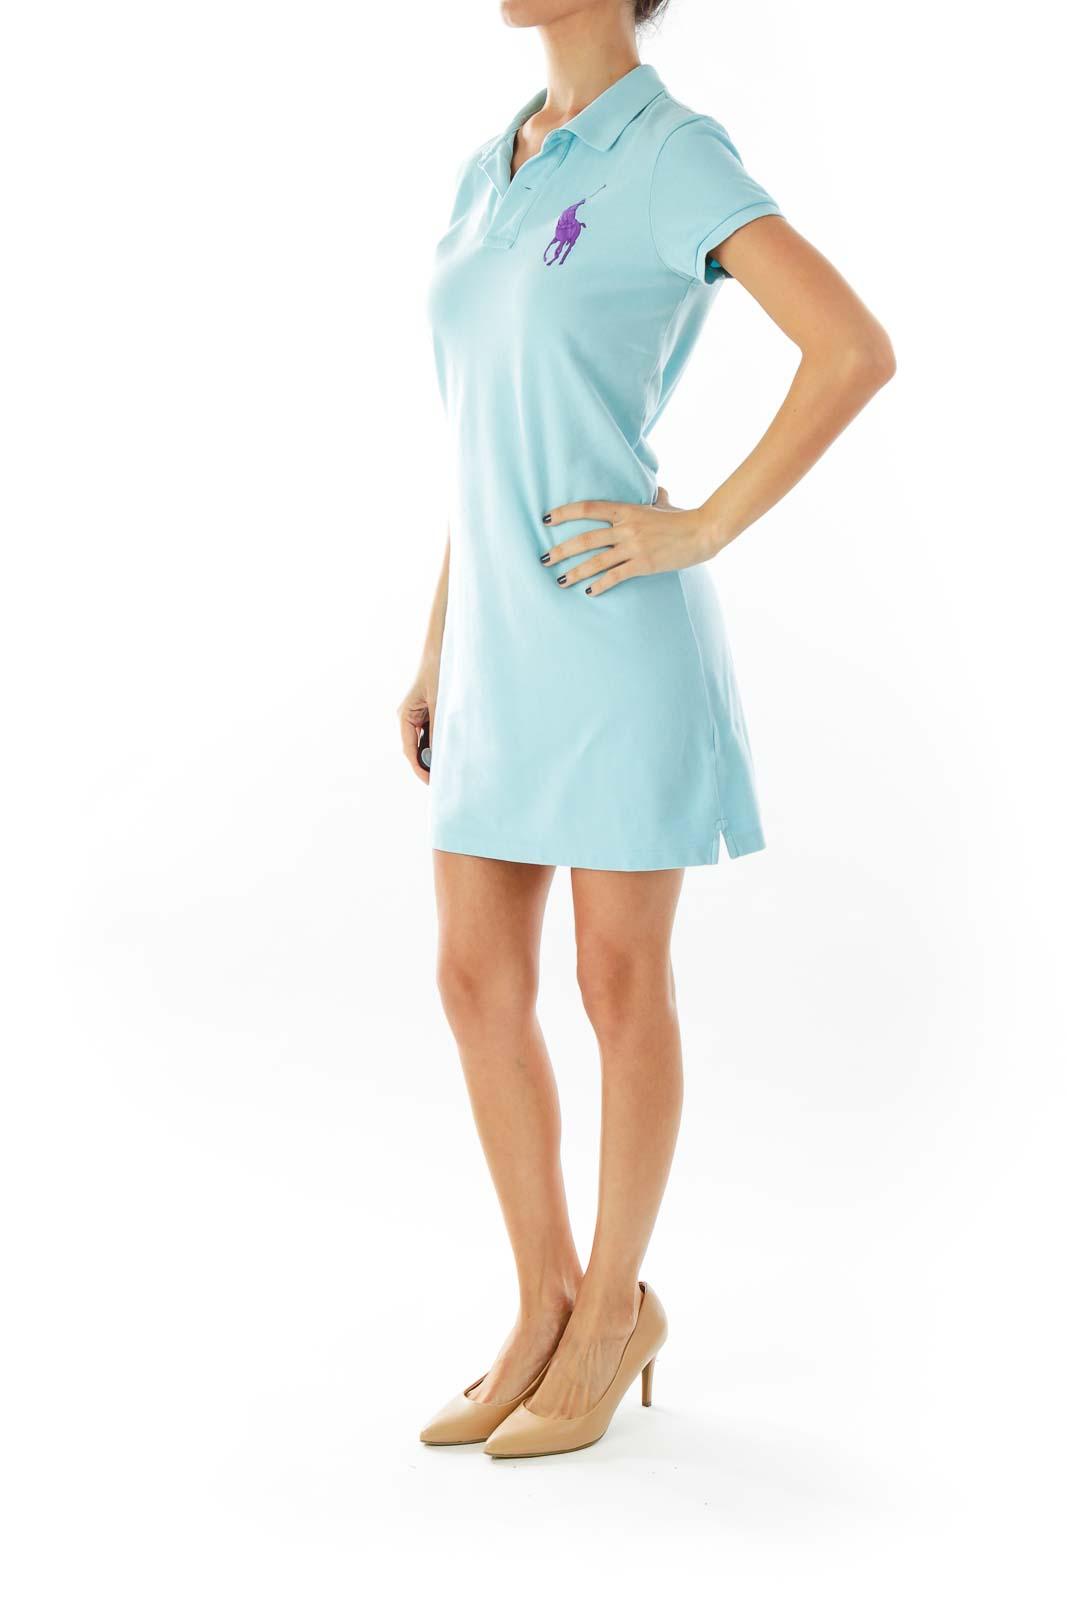 Blue Polo Shirt-Dress